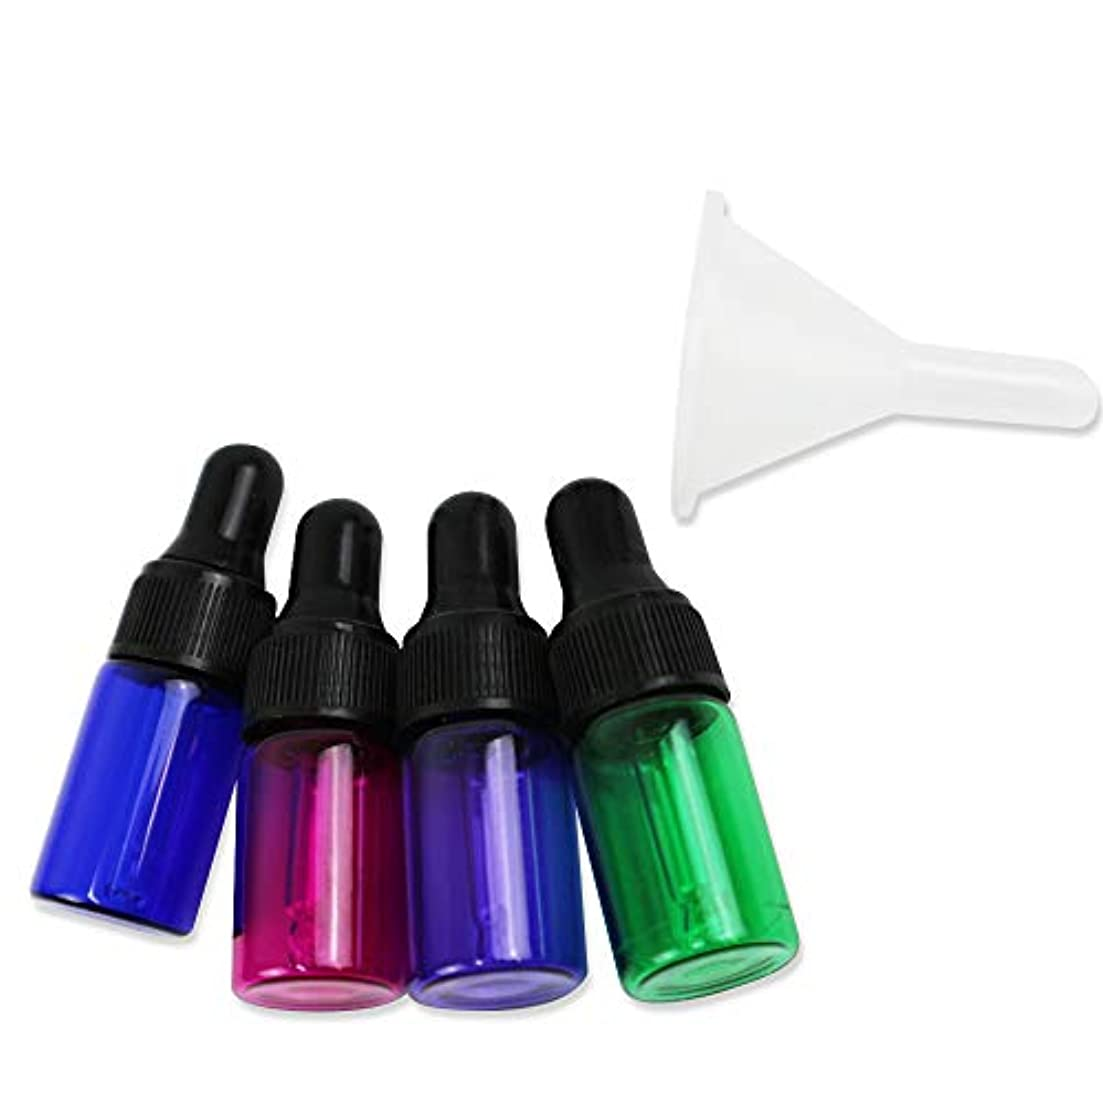 いとこおとこ創傷hiruiseki カラフル ミニ遮光瓶 3ml 4色セット ろうと付き アロマ 香水 詰め替え